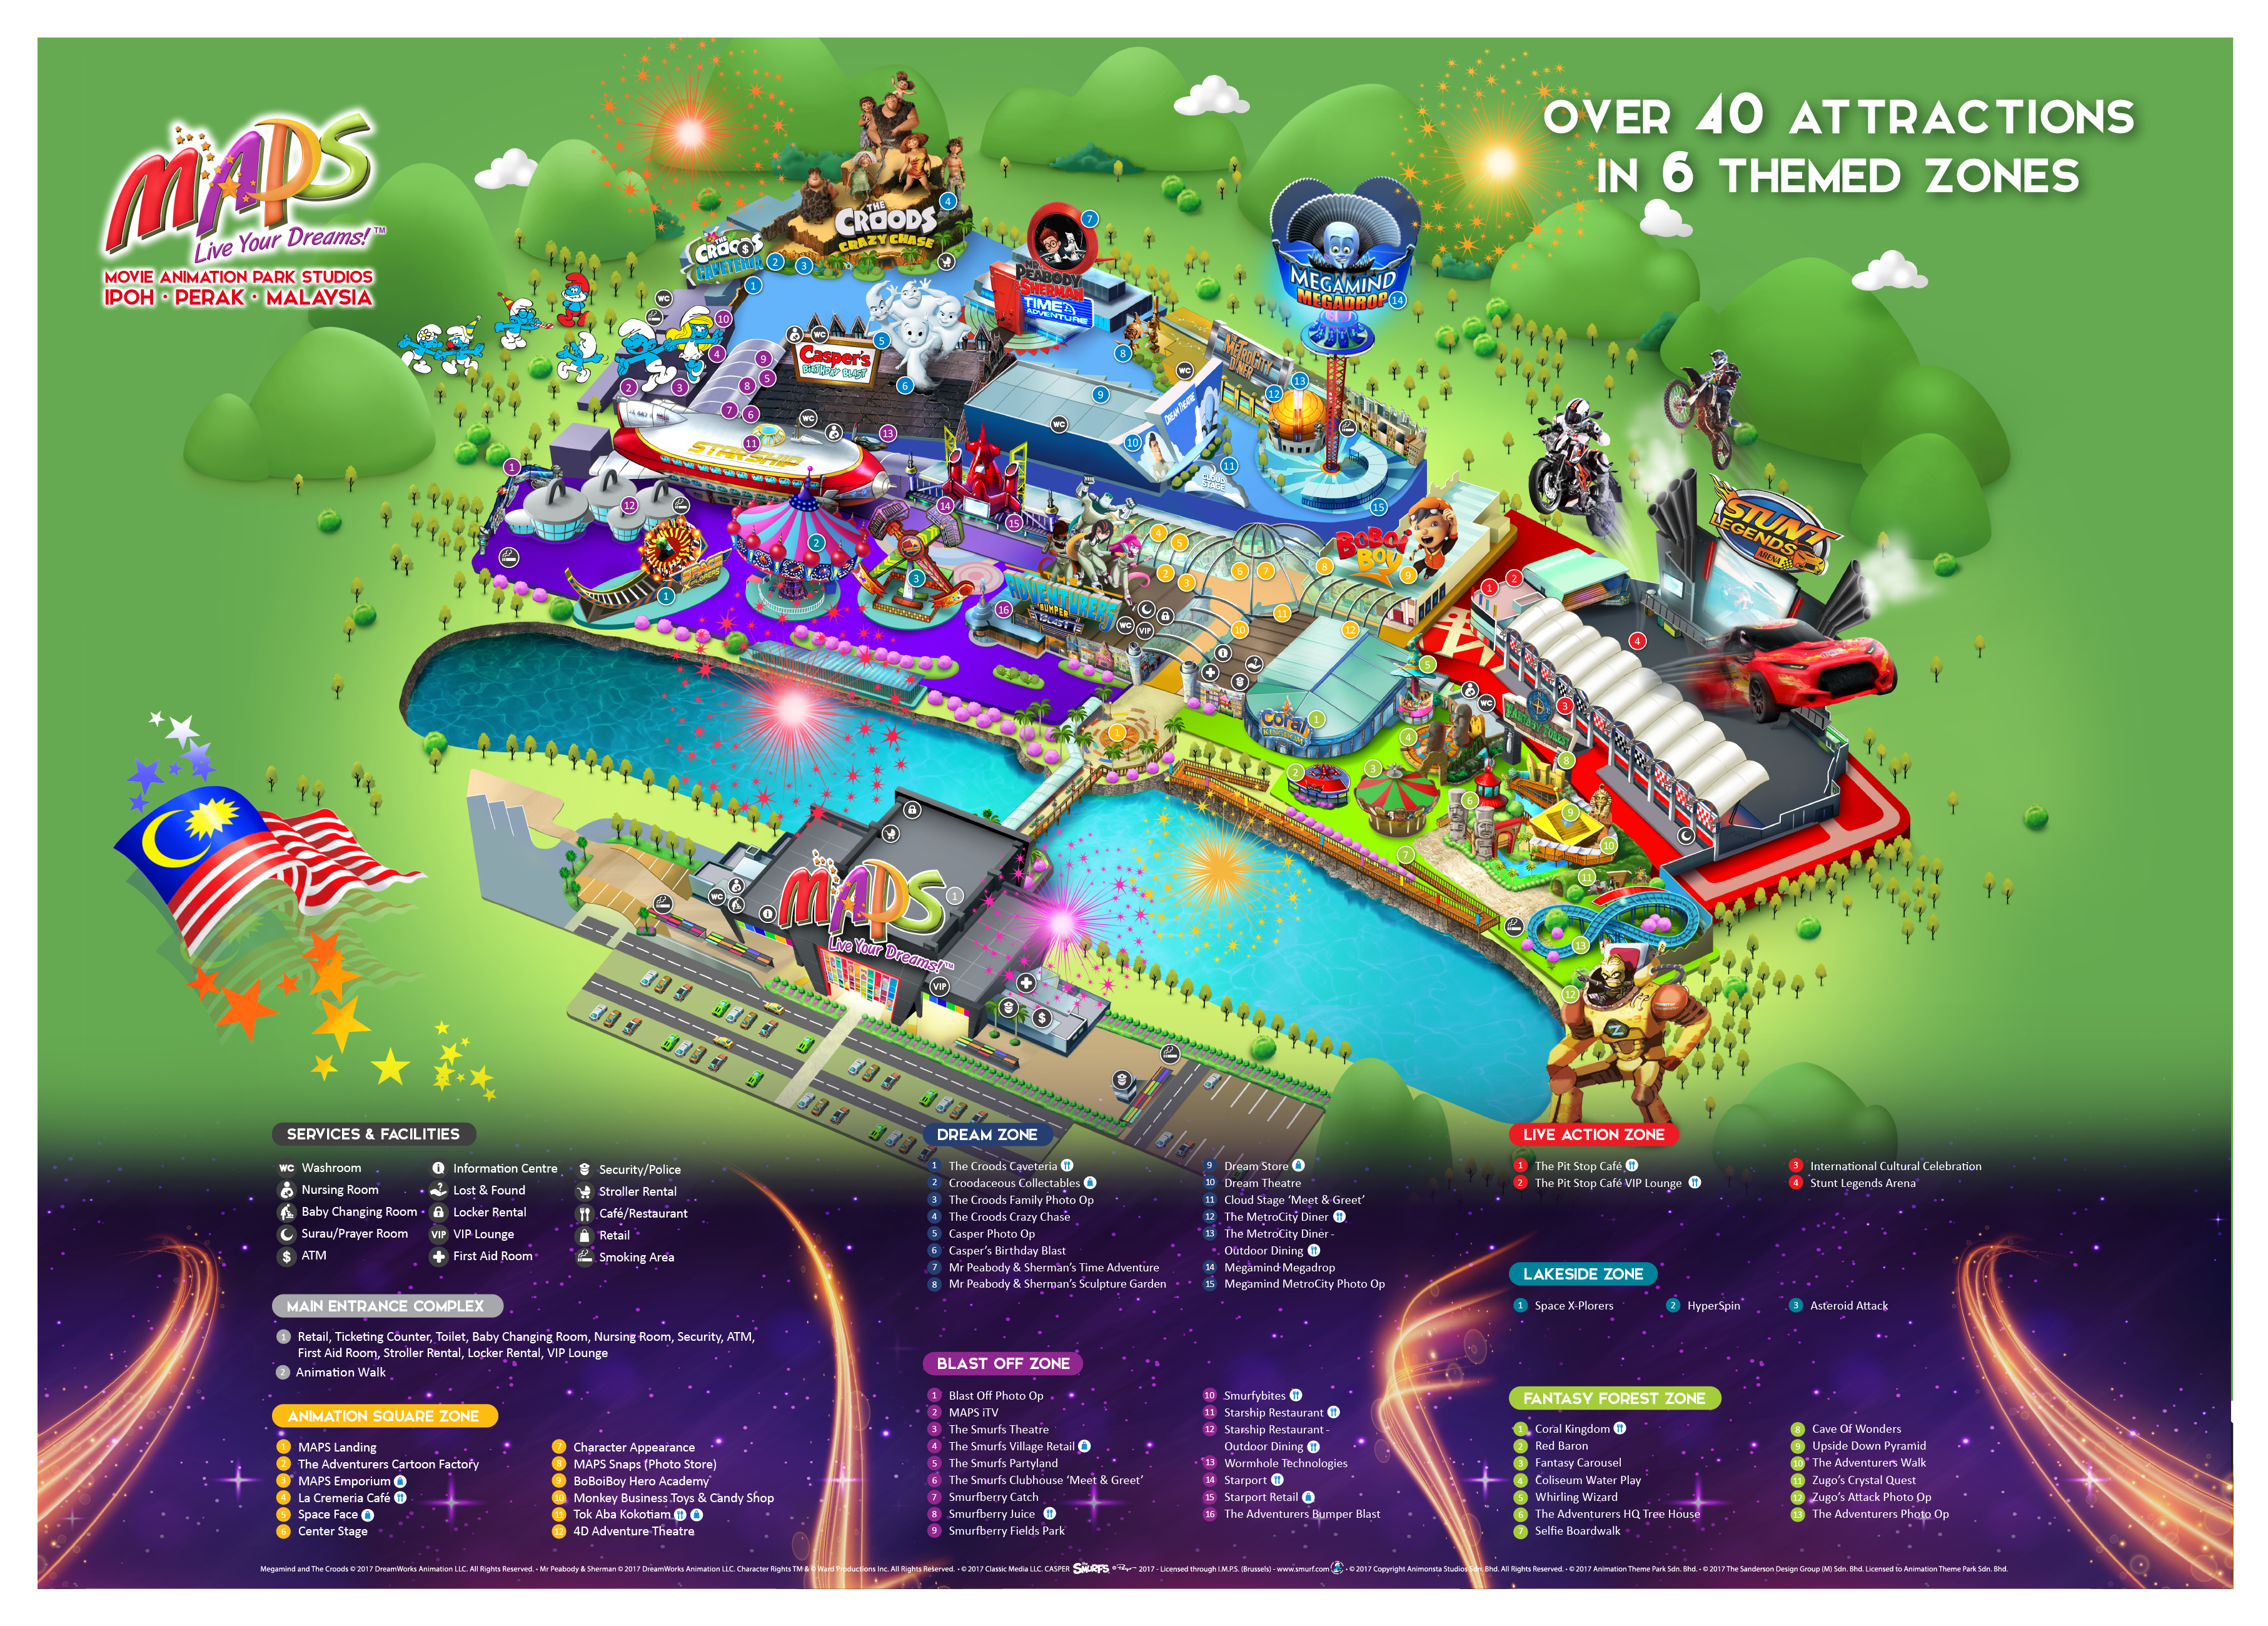 Tiket Masuk Movie Animation Park Studio Maps Di Ipoh Malaysia